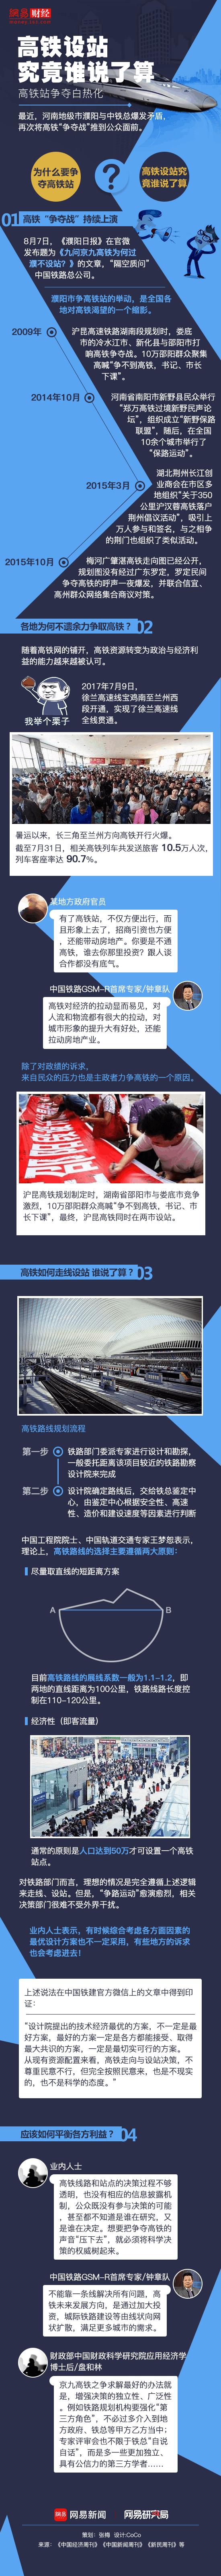 高铁站争夺白热化 高铁设站究竟谁说了算?